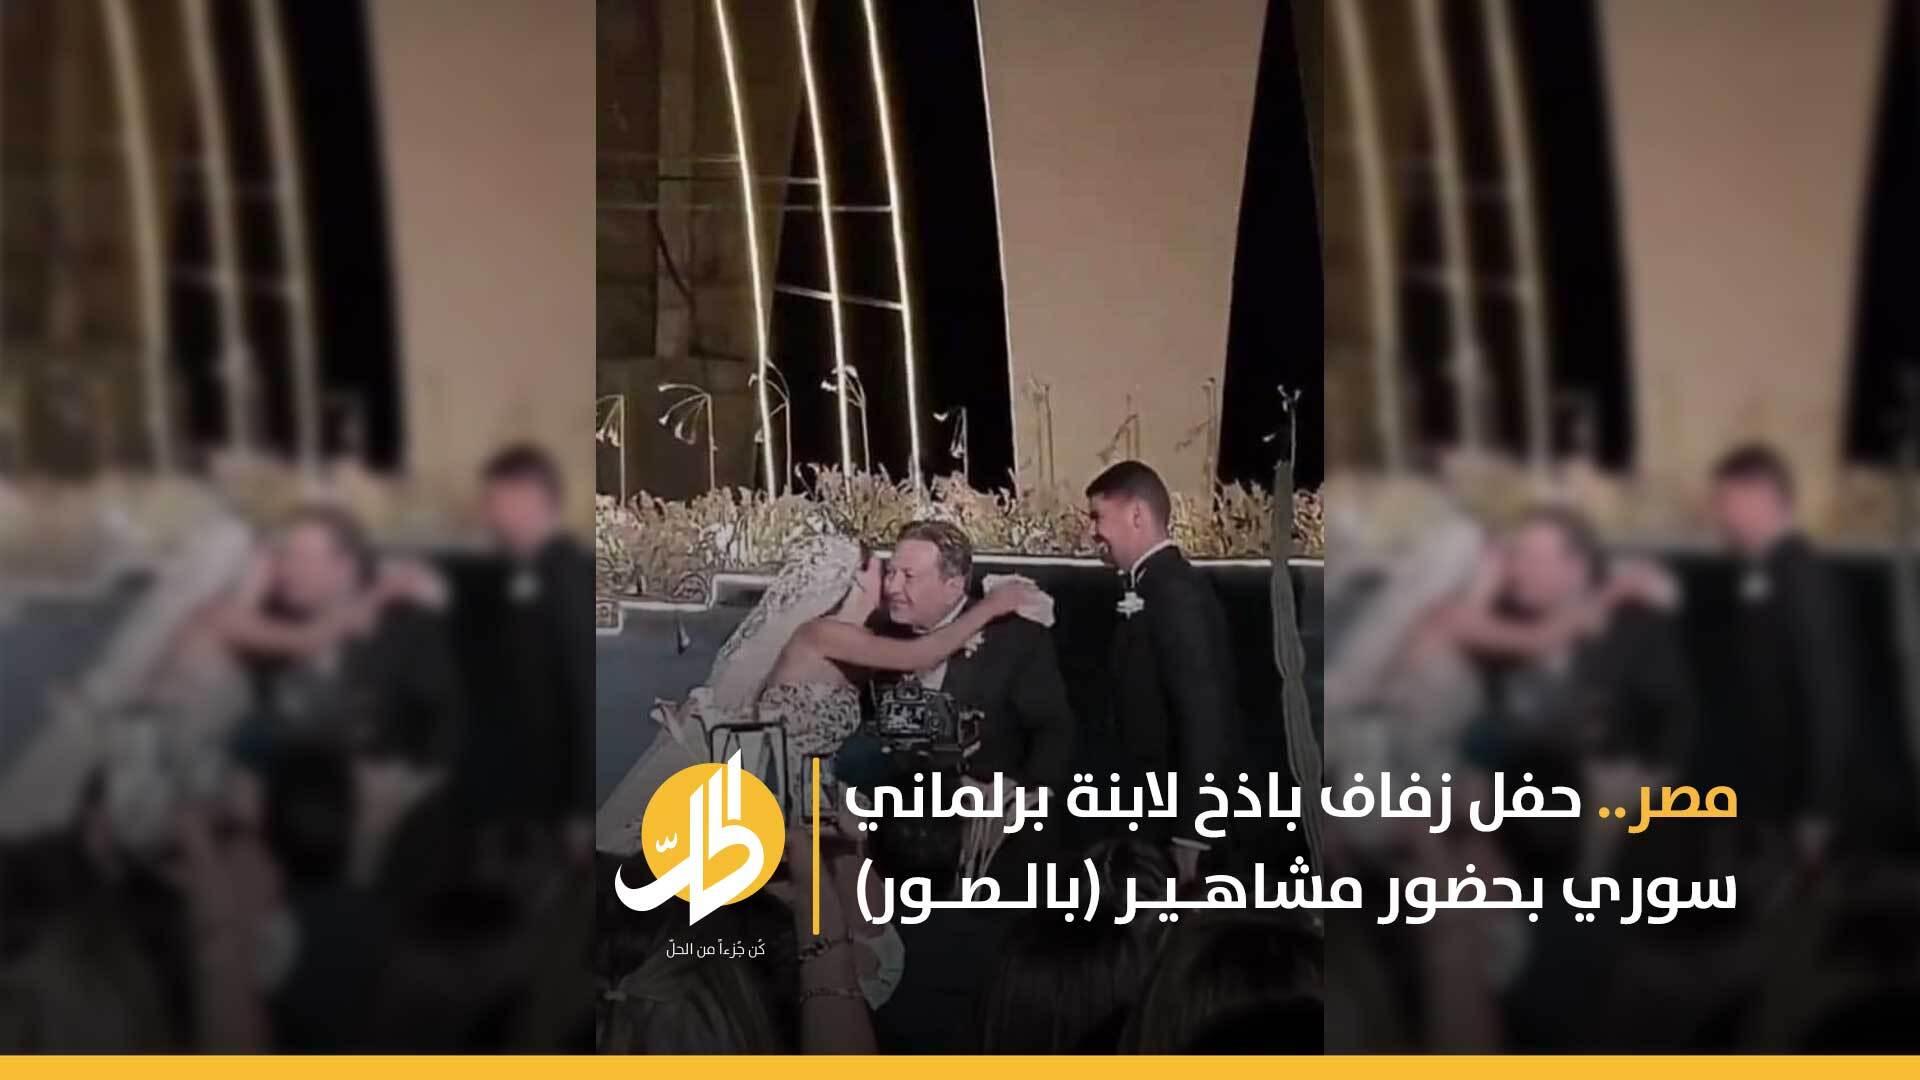 مصر.. حفل زفاف باذخ لابنة برلماني سوري بحضور مشاهير (بالصور)